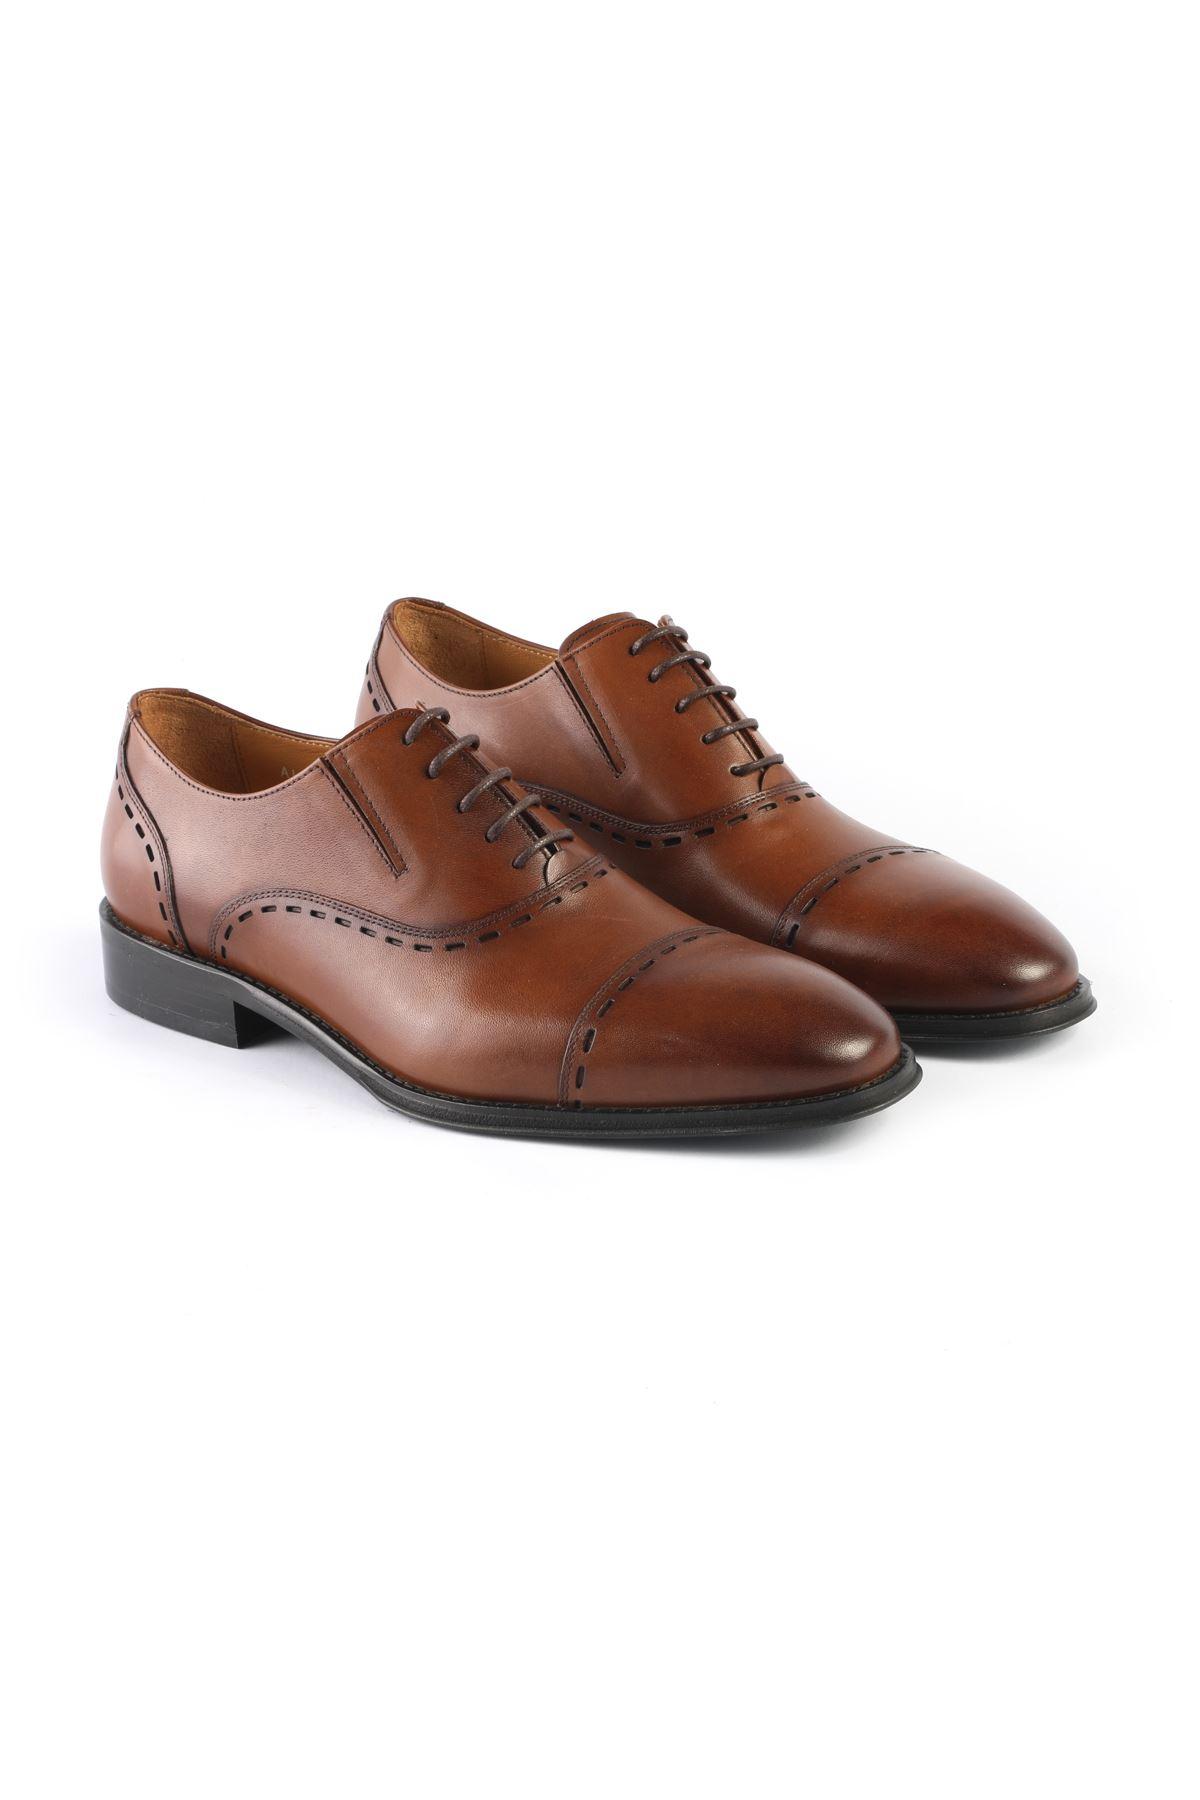 Libero L3352 Tan Classic Shoes